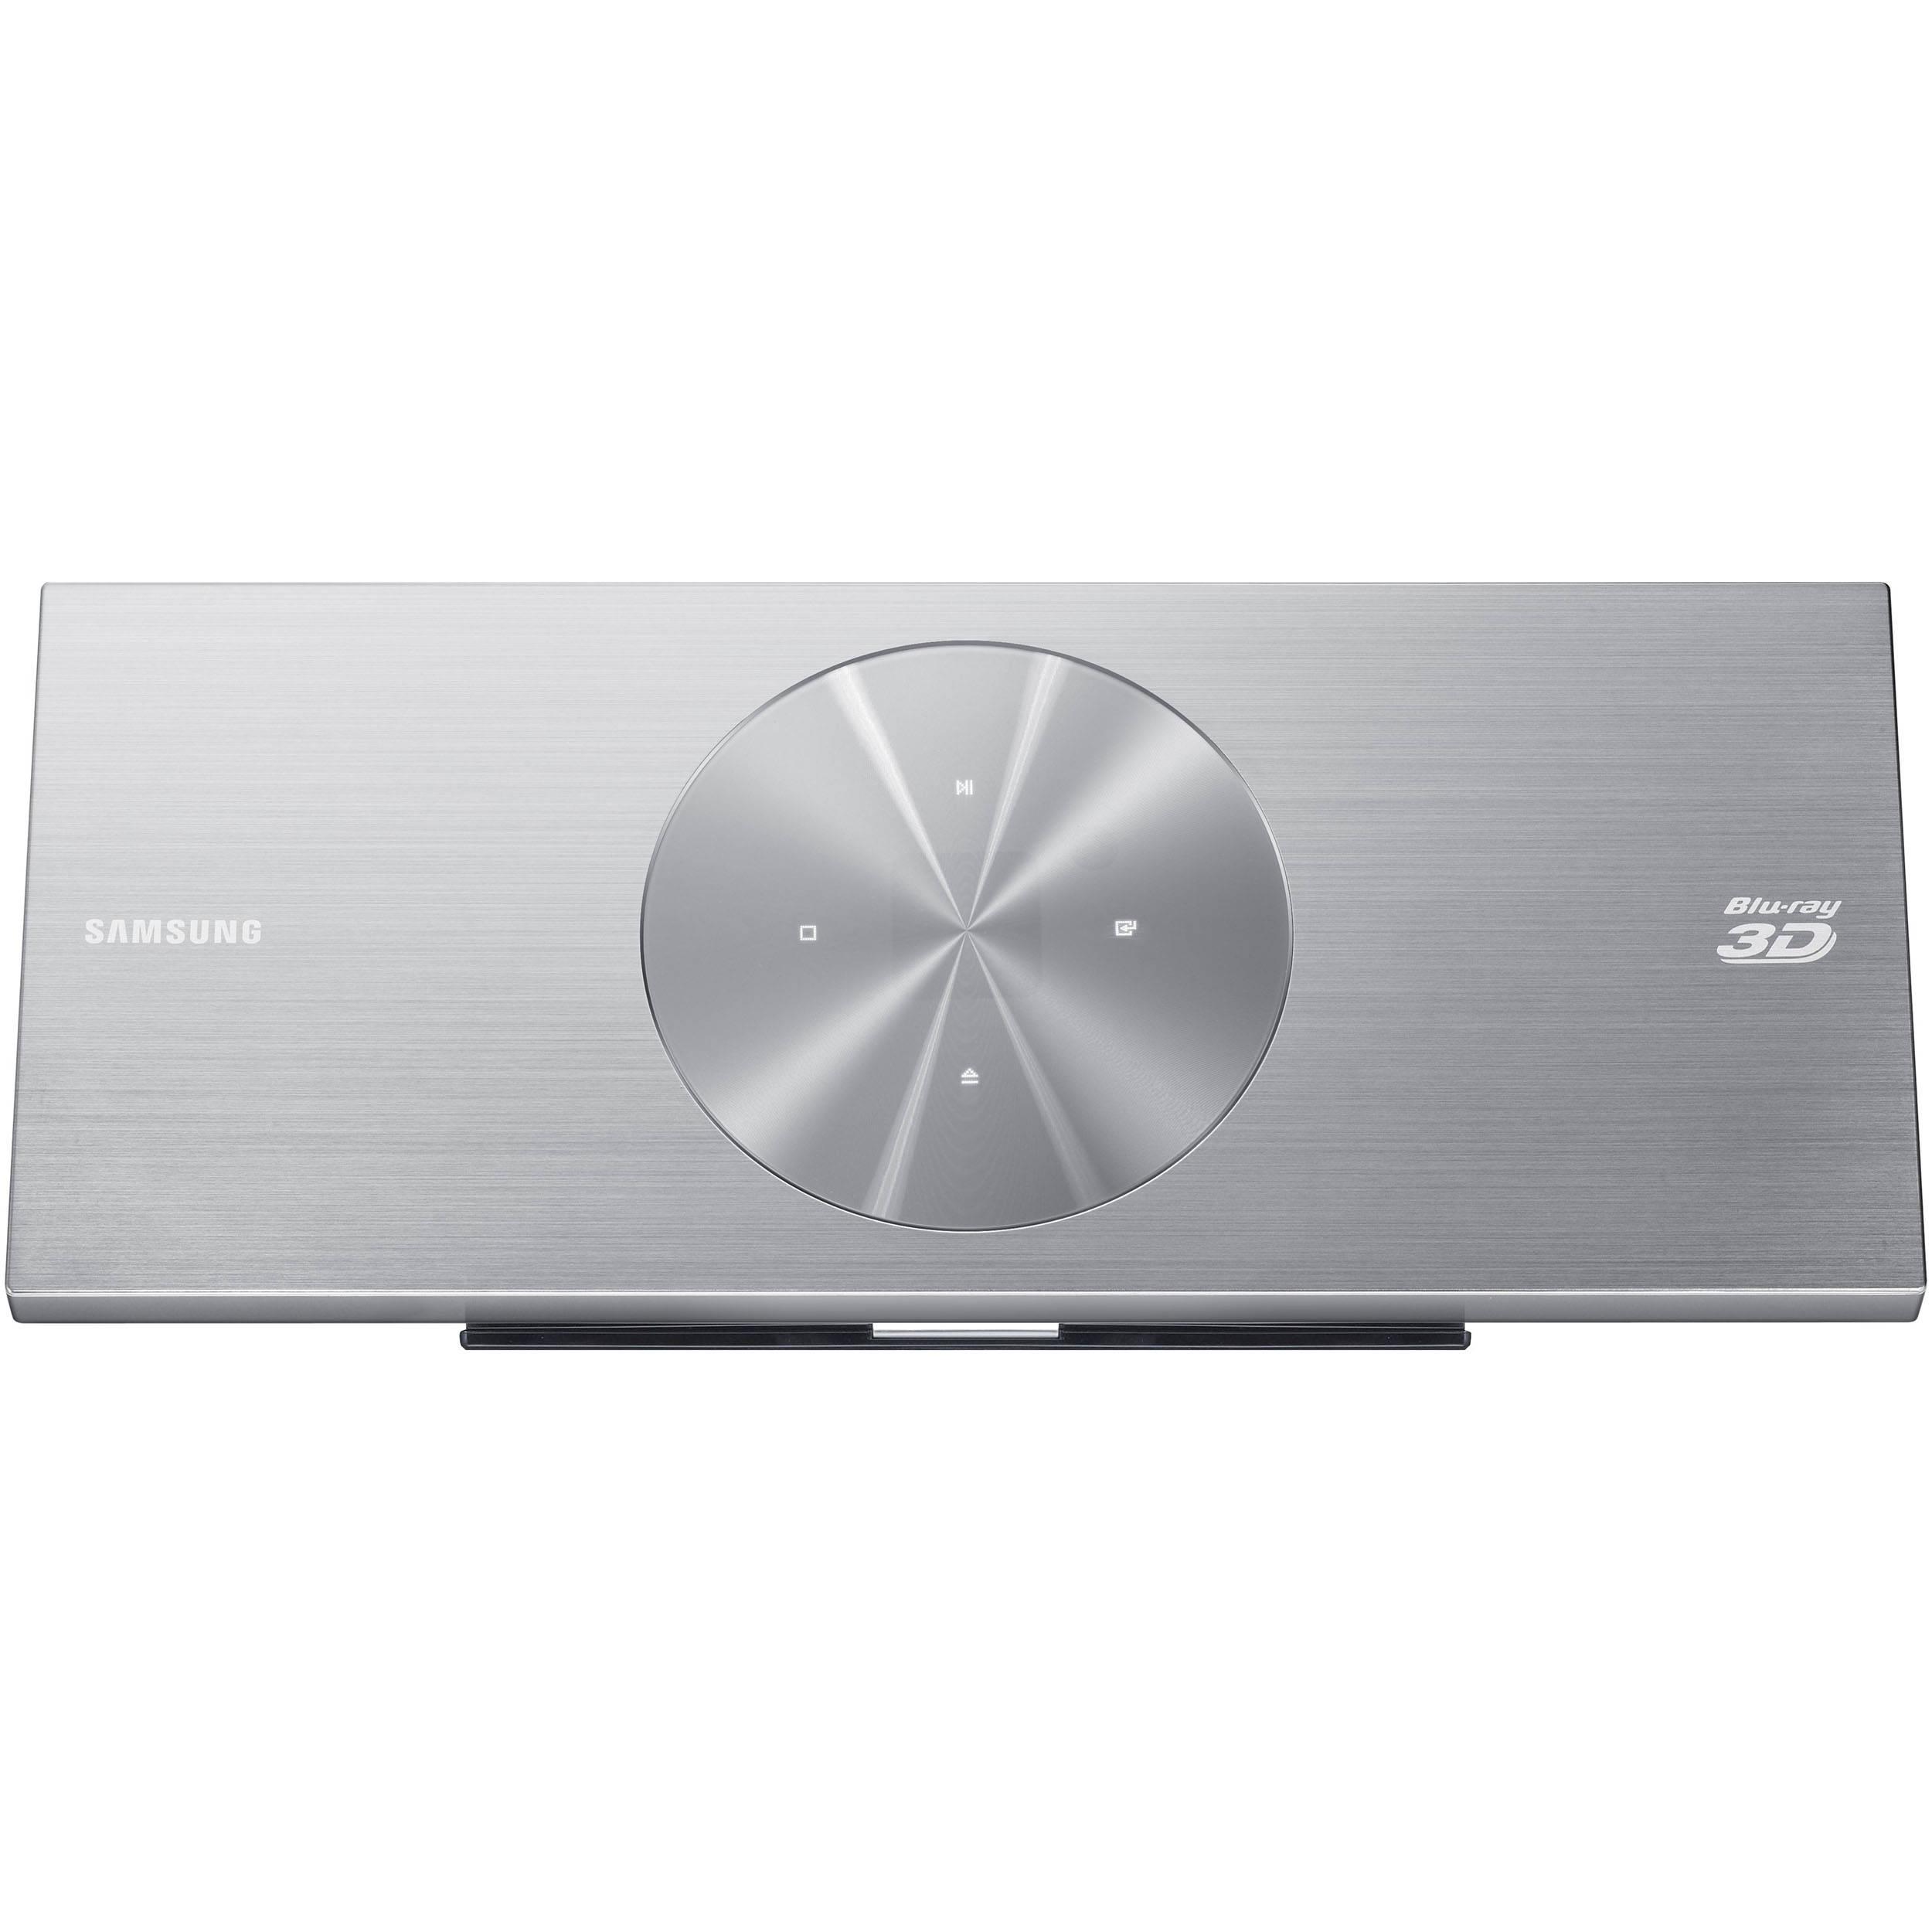 Samsung BD-D7500B Blu-ray Disc Player Treiber Herunterladen